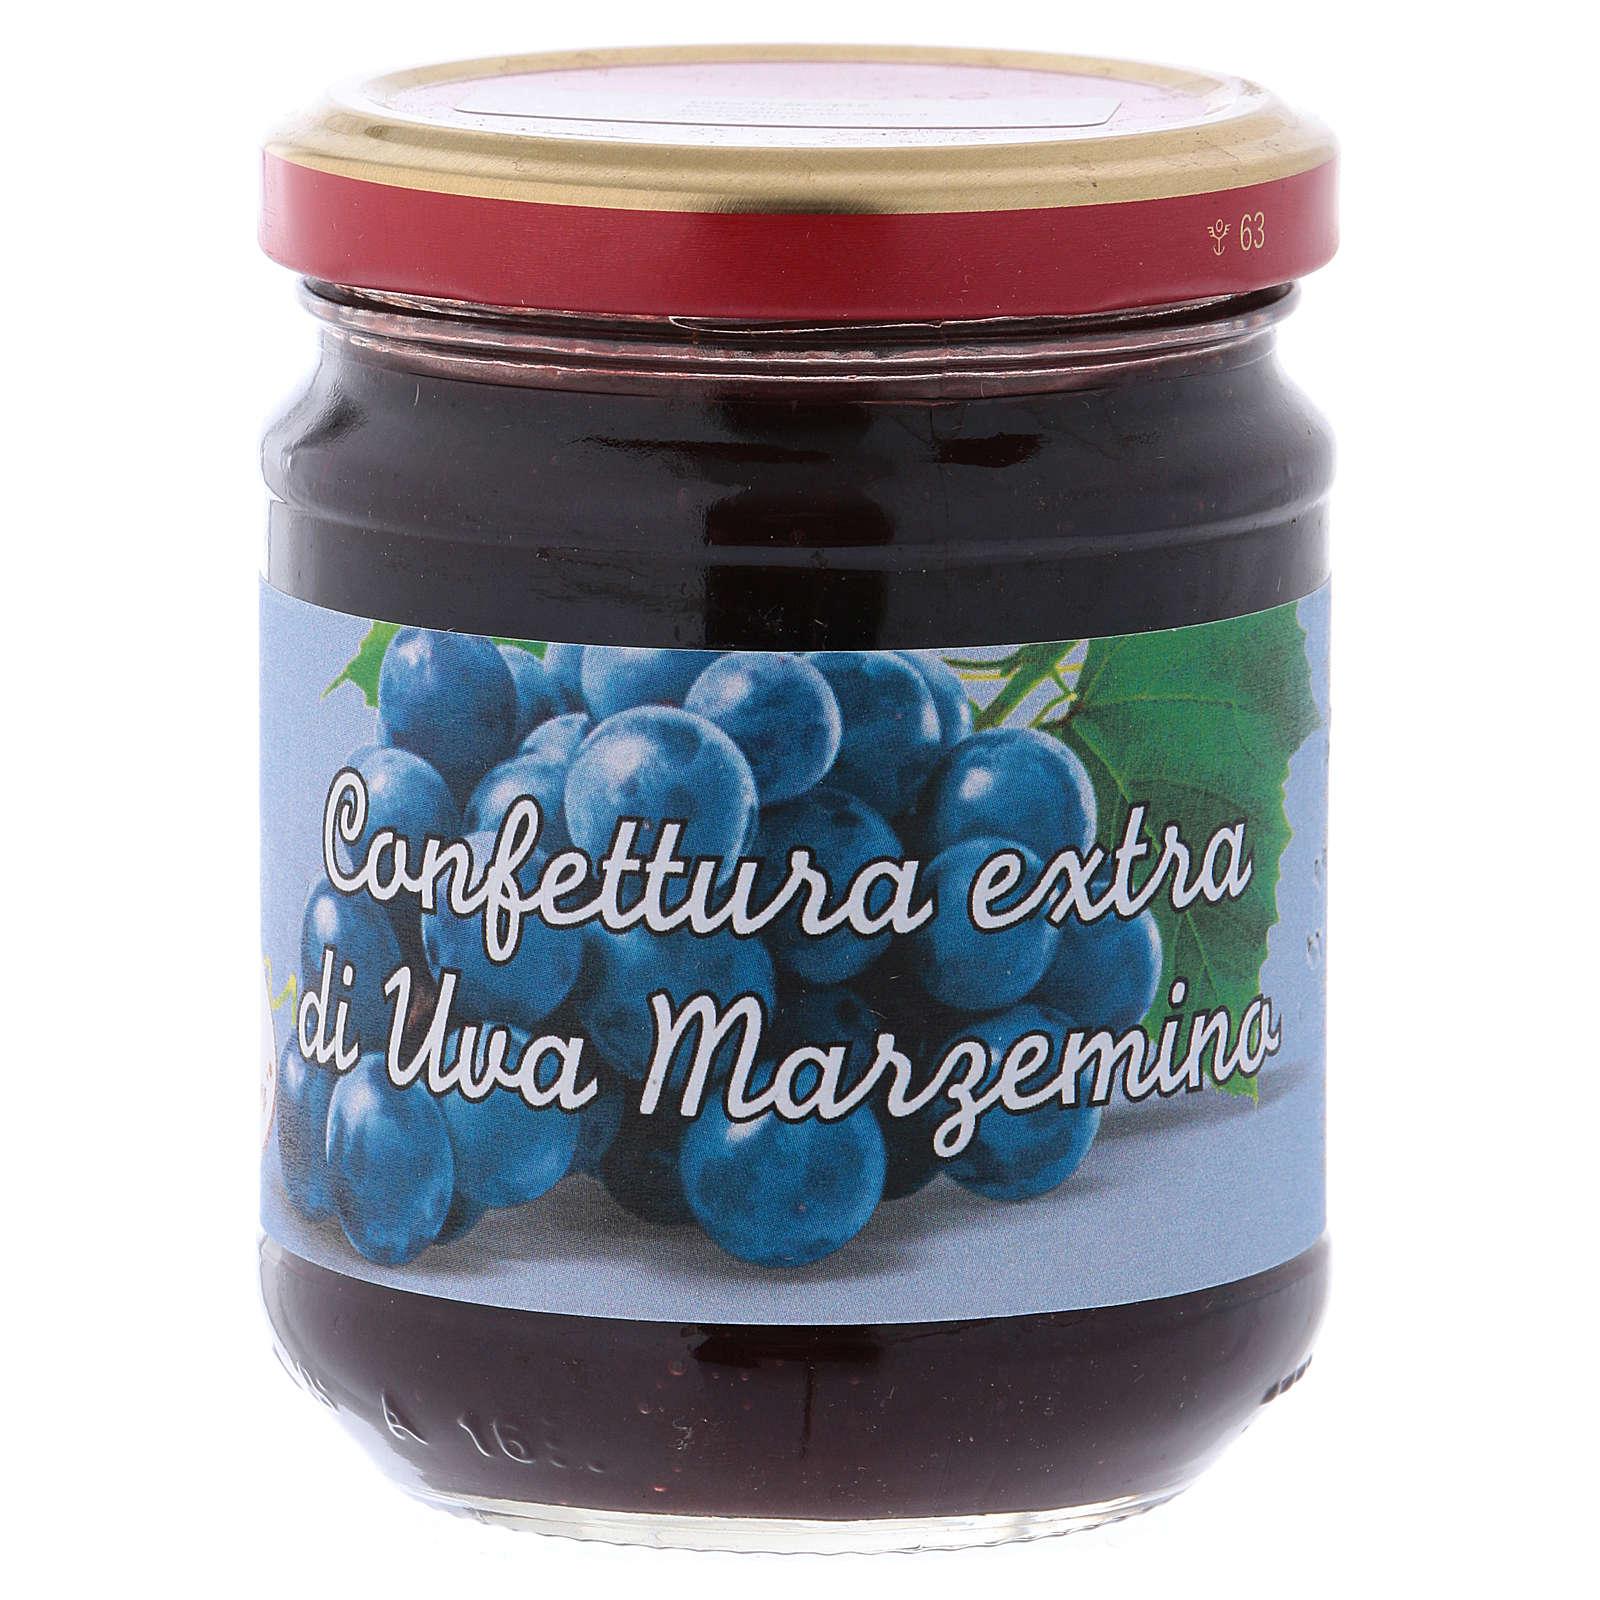 Confiture extra de raisin Marzemino 220 g Saint Antoine de Padoue 3